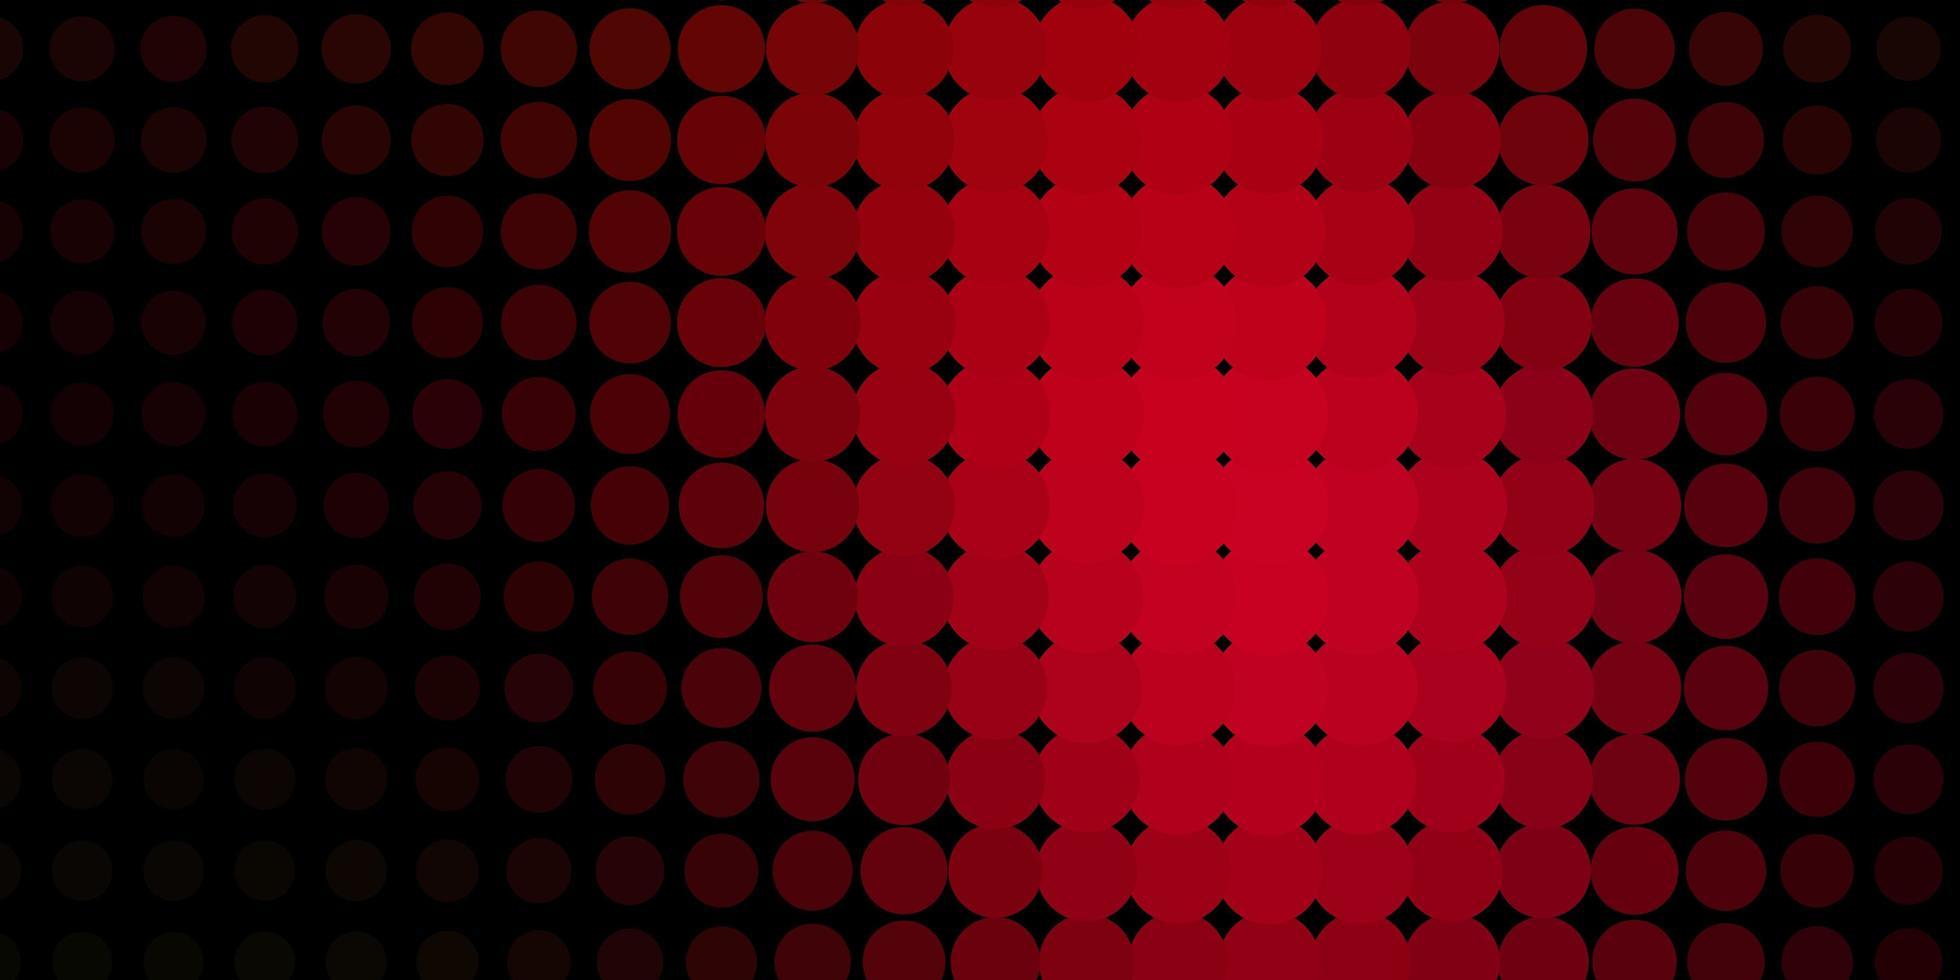 modèle vectoriel rouge foncé avec des cercles.